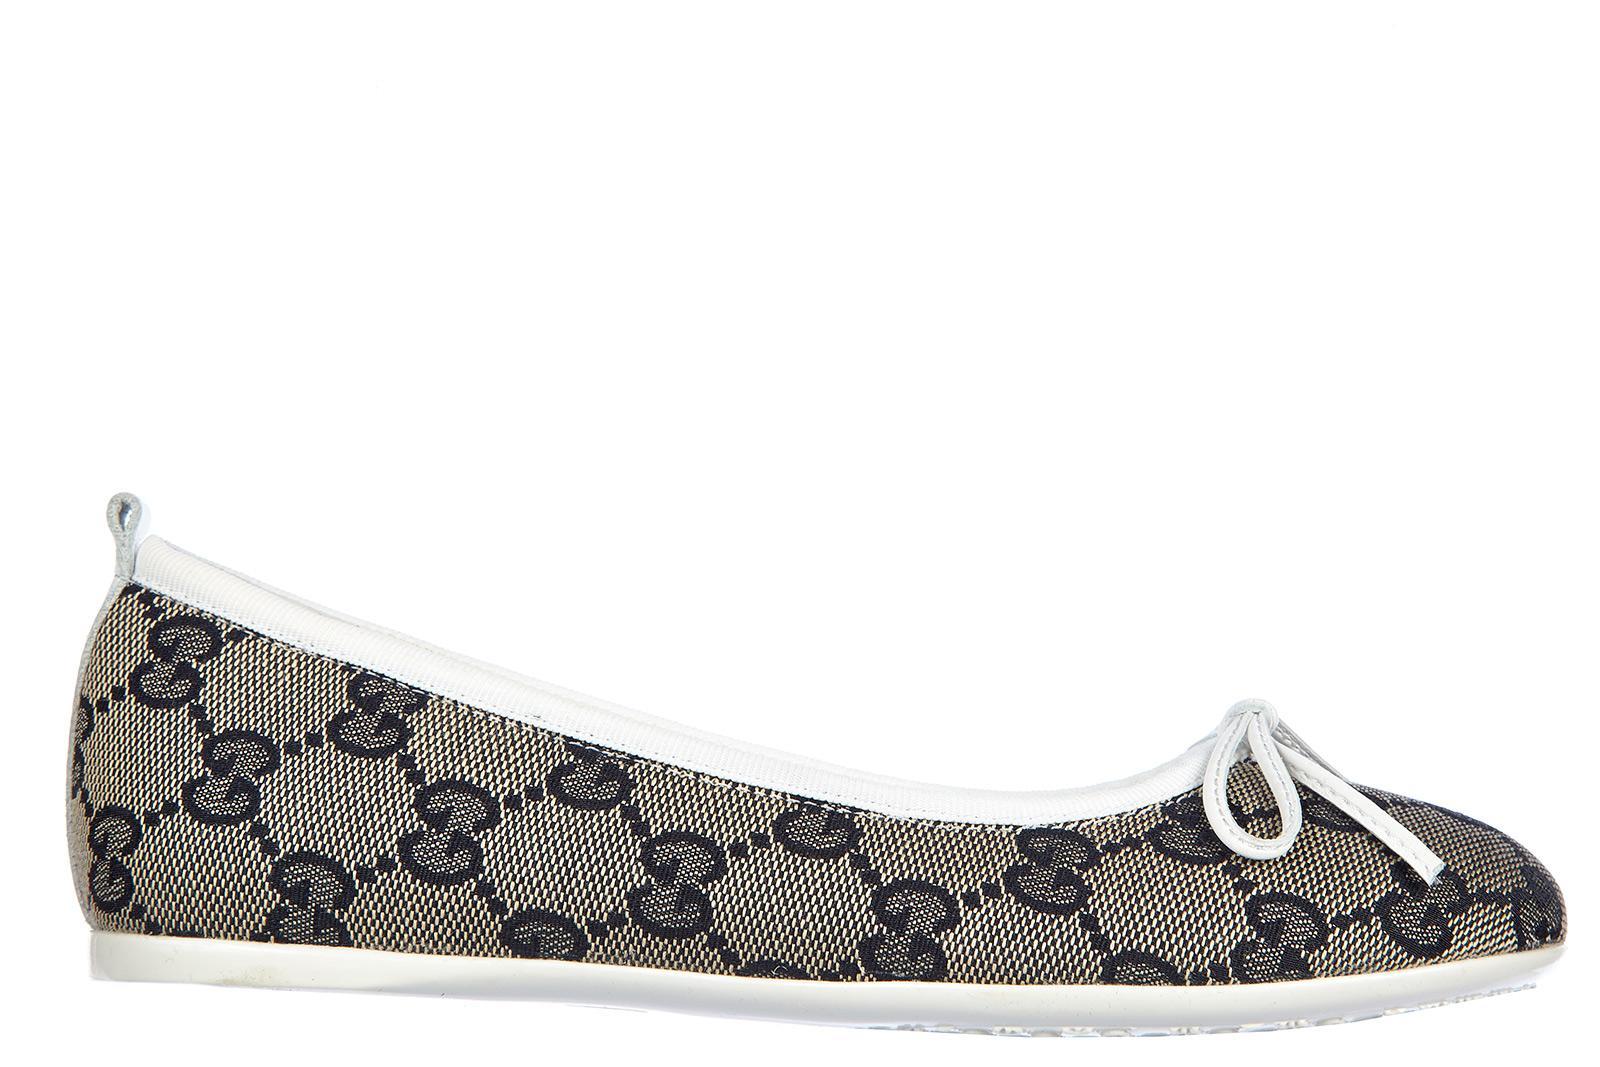 gute Textur tolle Passform Qualität und Quantität zugesichert Gucci Ballet Flats Ballerinas Babyschuhe Baby Kinder Schuhe ...